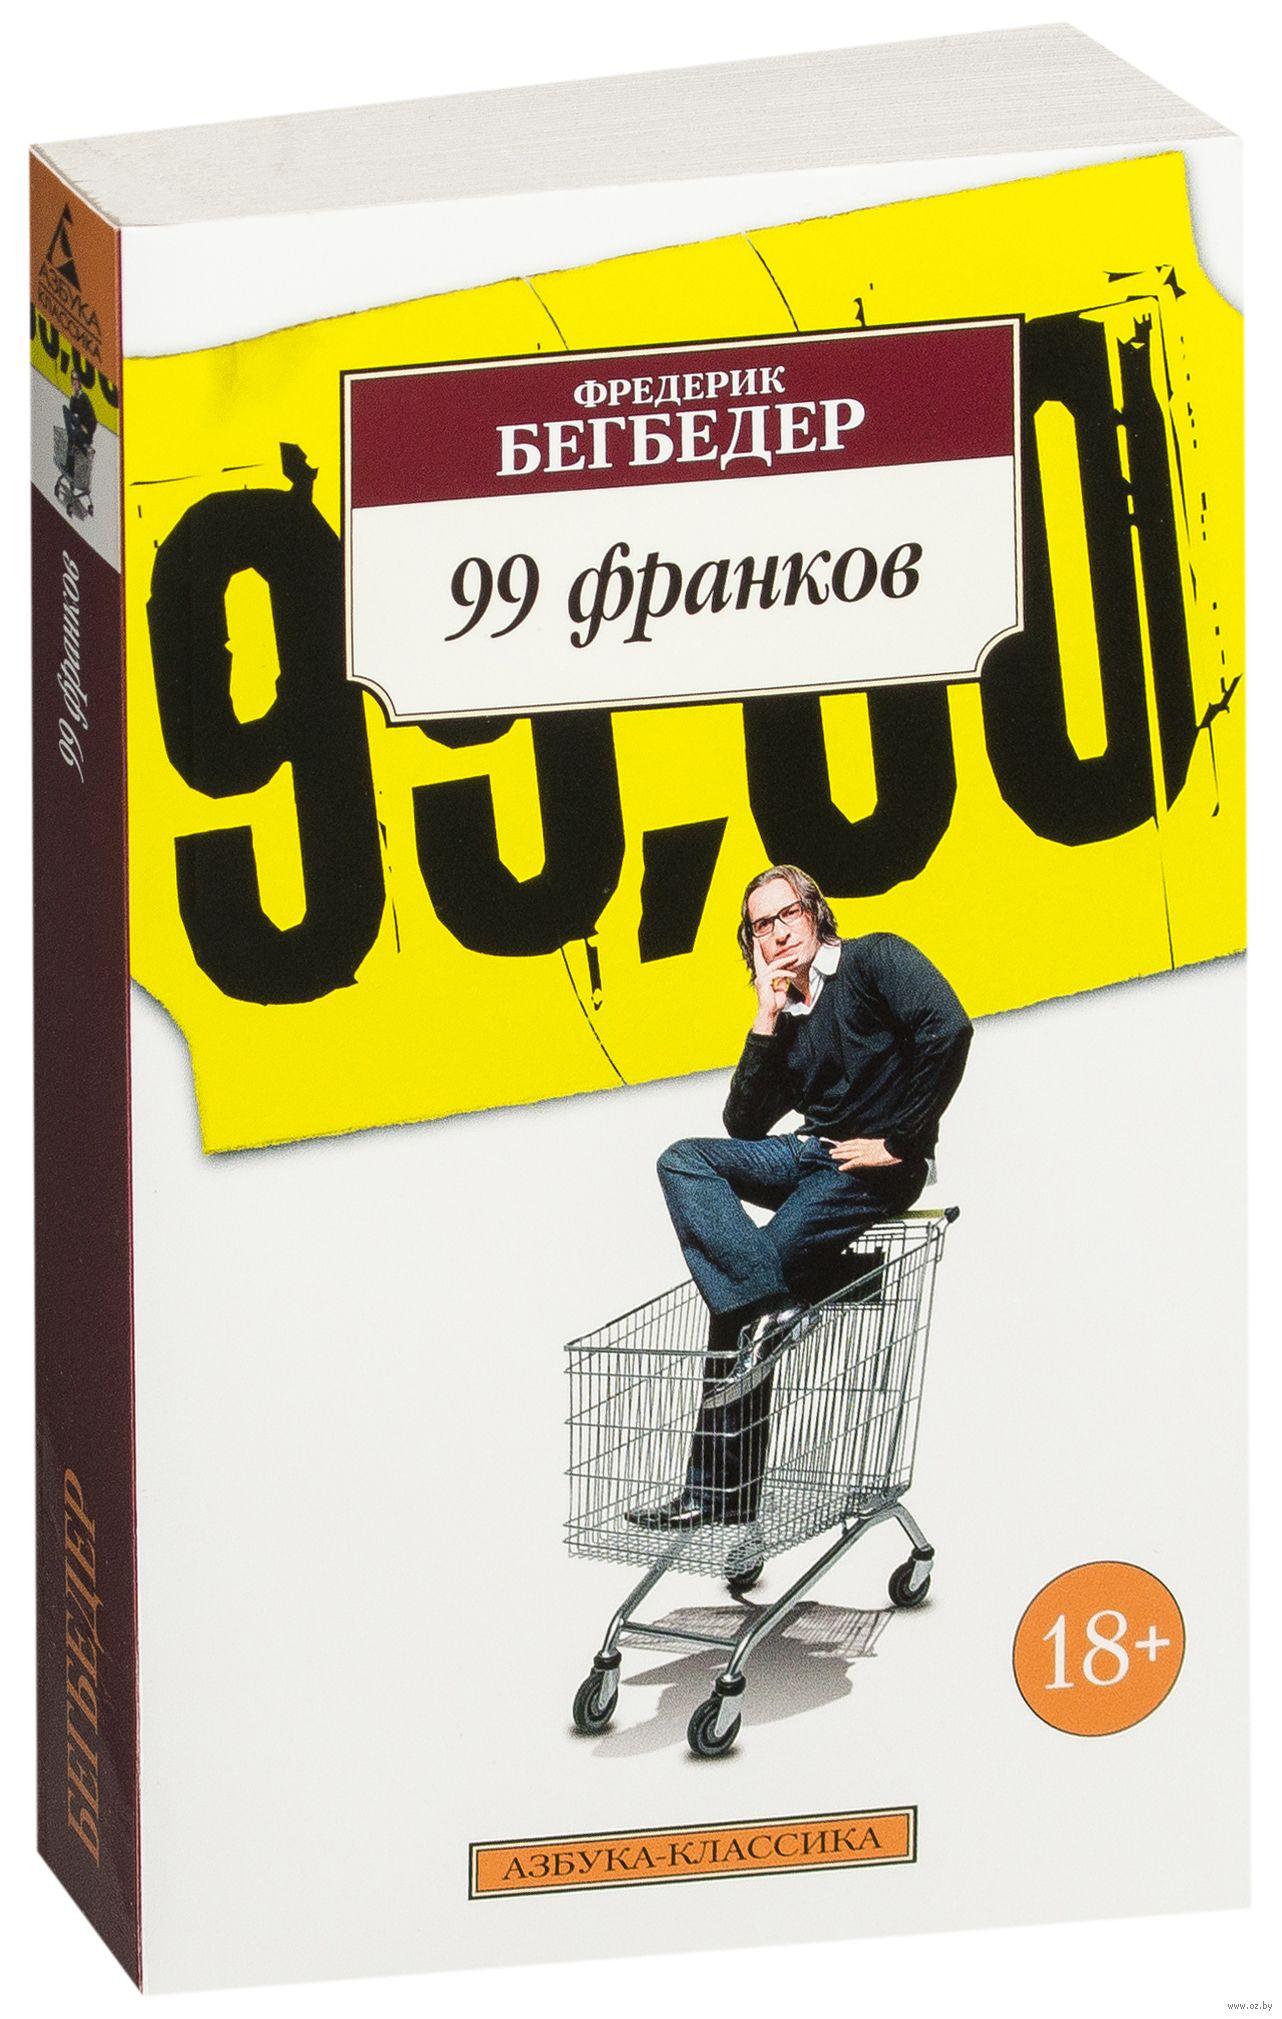 БЕГБЕДЕР 99 ФРАНКОВ СКАЧАТЬ БЕСПЛАТНО